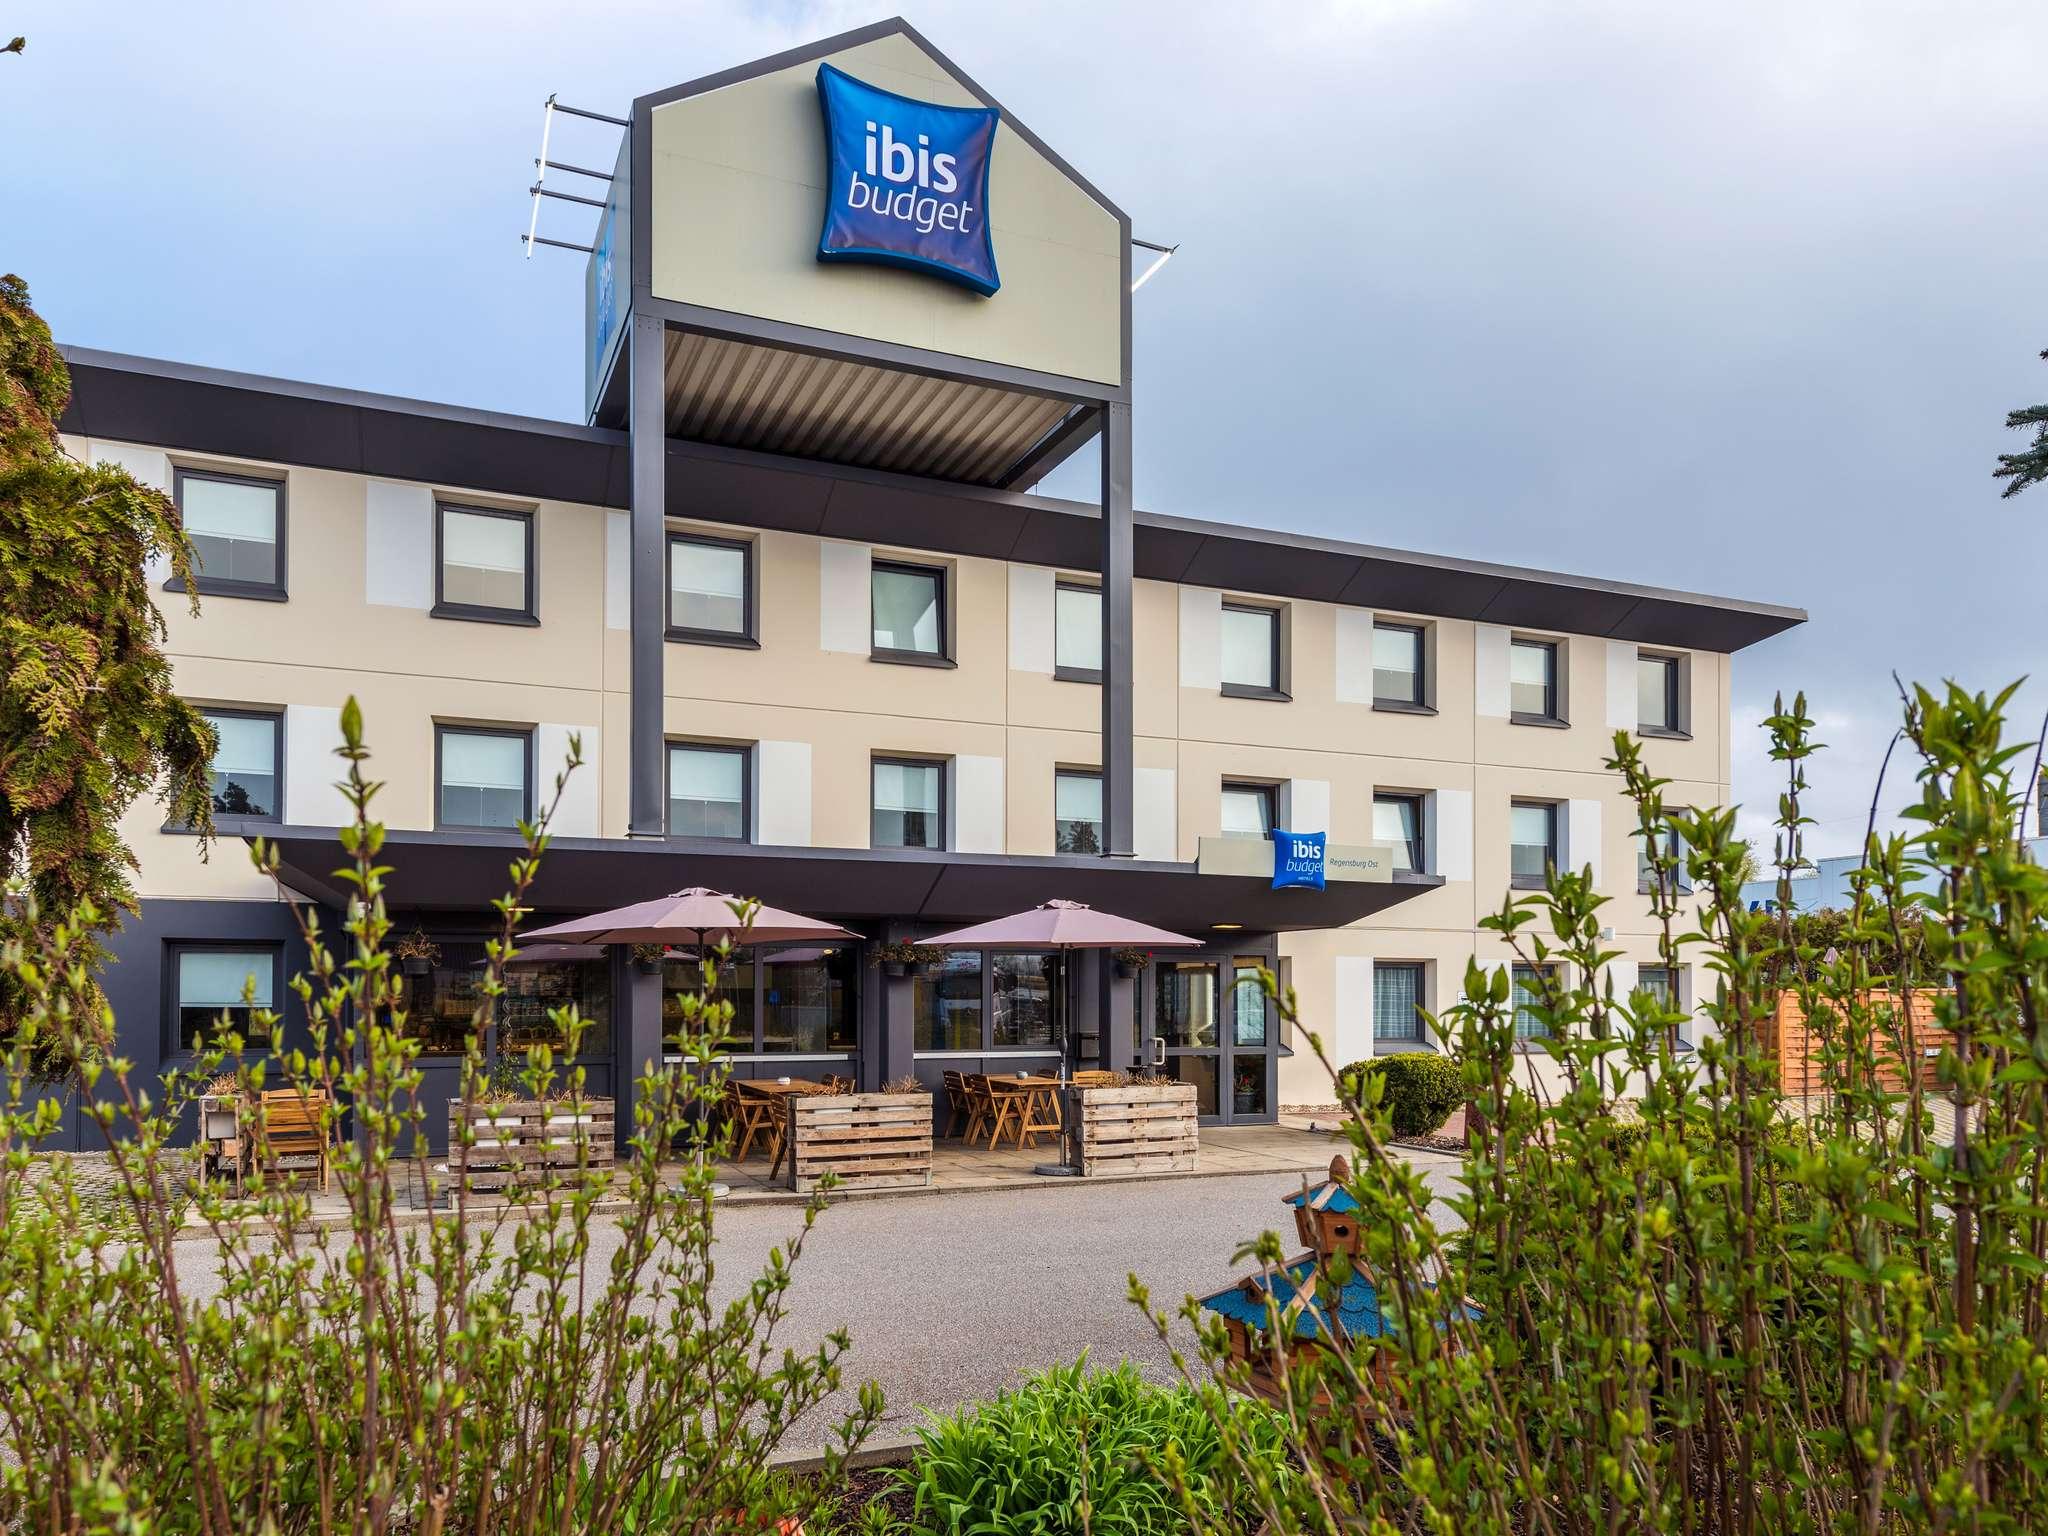 호텔 – 이비스 버젯 레겐스부르크 오스트